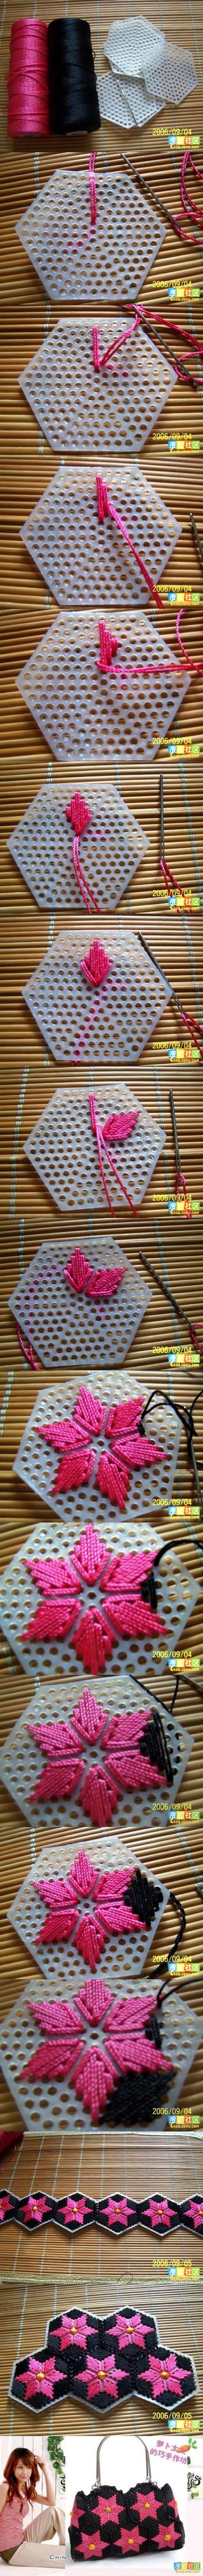 DIY Pretty Handbag from Stitch Plastic Canvas 2 Wonderful DIY Pretty Handbag from Stitch